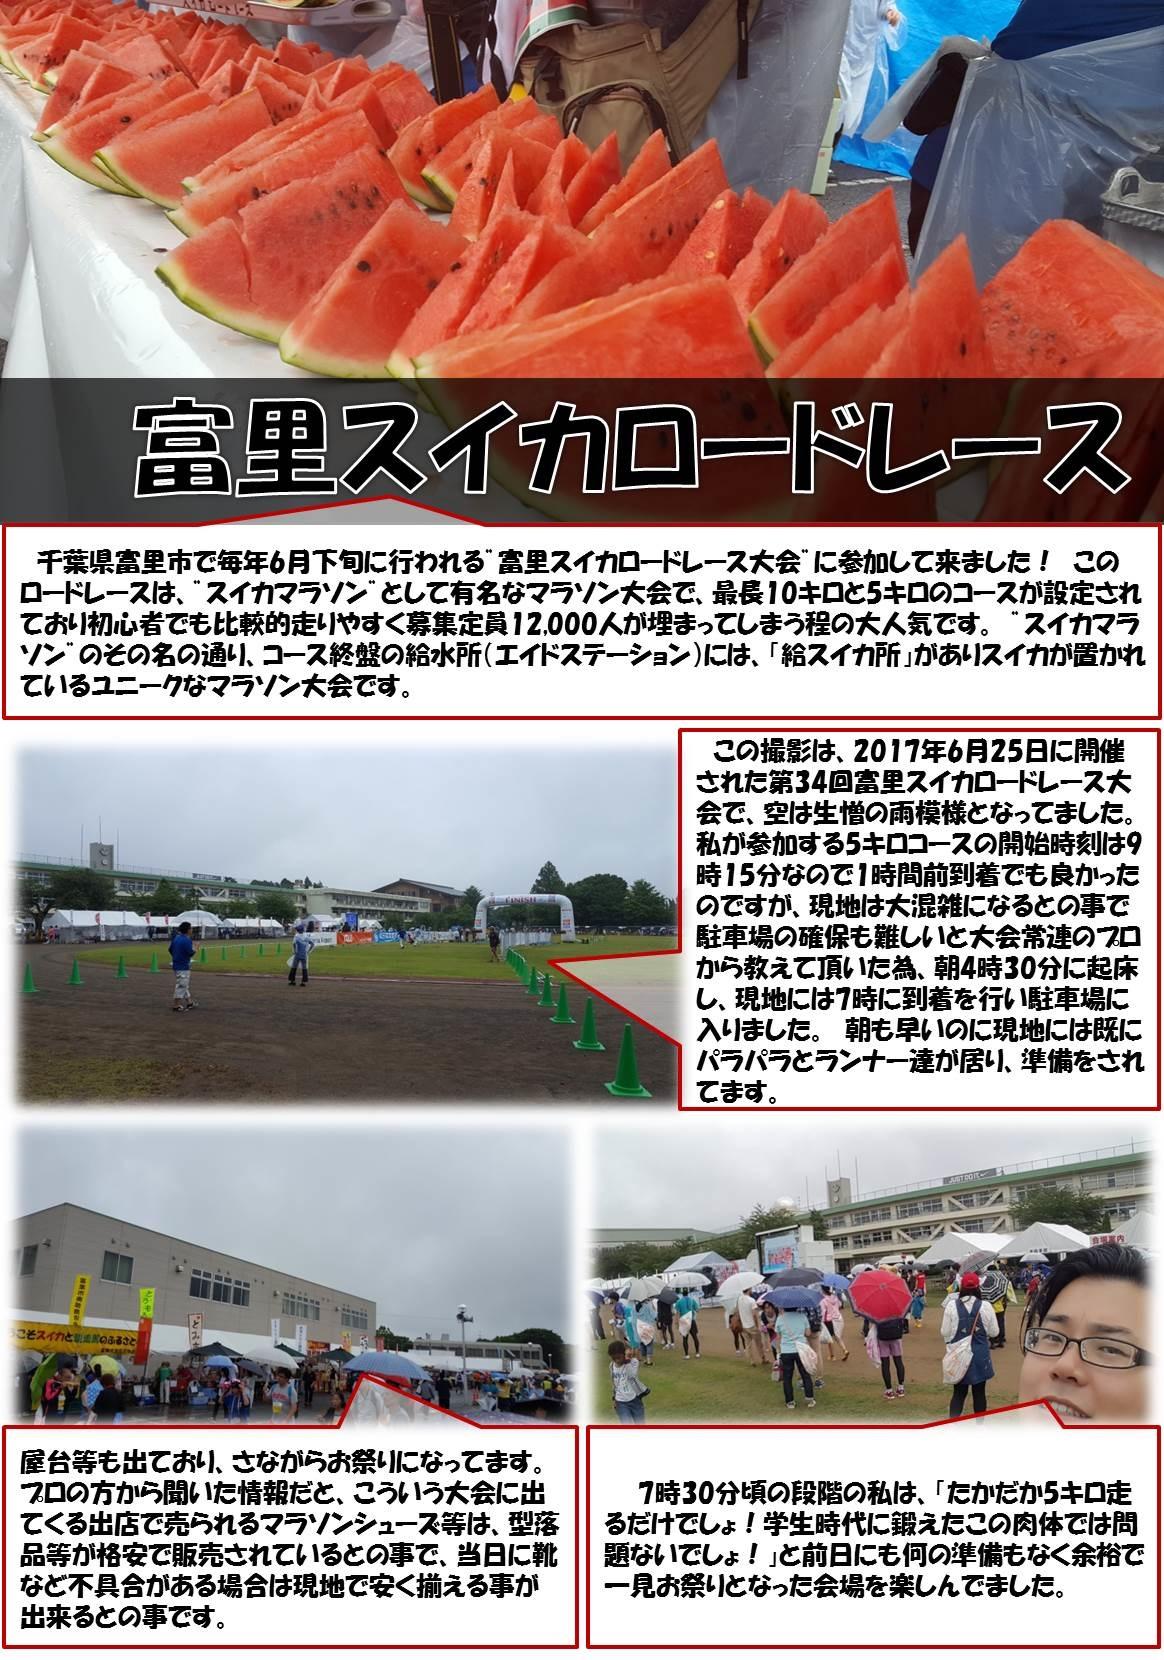 """富里スイカロードレース  千葉県富里市で毎年6月下旬に行われる""""富里スイカロードレース大会""""に参加して来ました! このロードレースは、""""スイカマラソン""""として有名なマラソン大会で、最長10キロと5キロのコースが設定されており初心者でも比較的走りやすく募集定員12,000人が埋まってしまう程の大人気です。 """"スイカマラソン""""のその名の通り、コース終盤の給水所(エイドステーション)には、「給スイカ所」がありスイカが置かれているユニークなマラソン大会です。  この撮影は、2017年6月25日に開催された第34回富里スイカロードレース大会で、空は生憎の雨模様となってました。 私が参加する5キロコースの開始時刻は9時15分なので1時間前到着でも良かったのですが、現地は大混雑になるとの事で駐車場の確保も難しいと大会常連のプロから教えて頂いた為、朝4時30分に起床し、現地には7時に到着を行い駐車場に入りました。 朝も早いのに現地には既にパラパラとランナー達が居り、準備をされてます。 屋台等も出ており、さながらお祭りになってます。 プロの方から聞いた情報だと、こういう大会に出てくる出店で売られるマラソンシューズ等は、型落品等が格安で販売されているとの事で、当日に靴など不具合がある場合は現地で安く揃える事が出来るとの事です。  7時30分頃の段階の私は、「たかだか5キロ走るだけでしょ!学生時代に鍛えたこの肉体では問題ないでしょ!」と前日にも何の準備もなく余裕で一見お祭りとなった会場を楽しんでました。"""